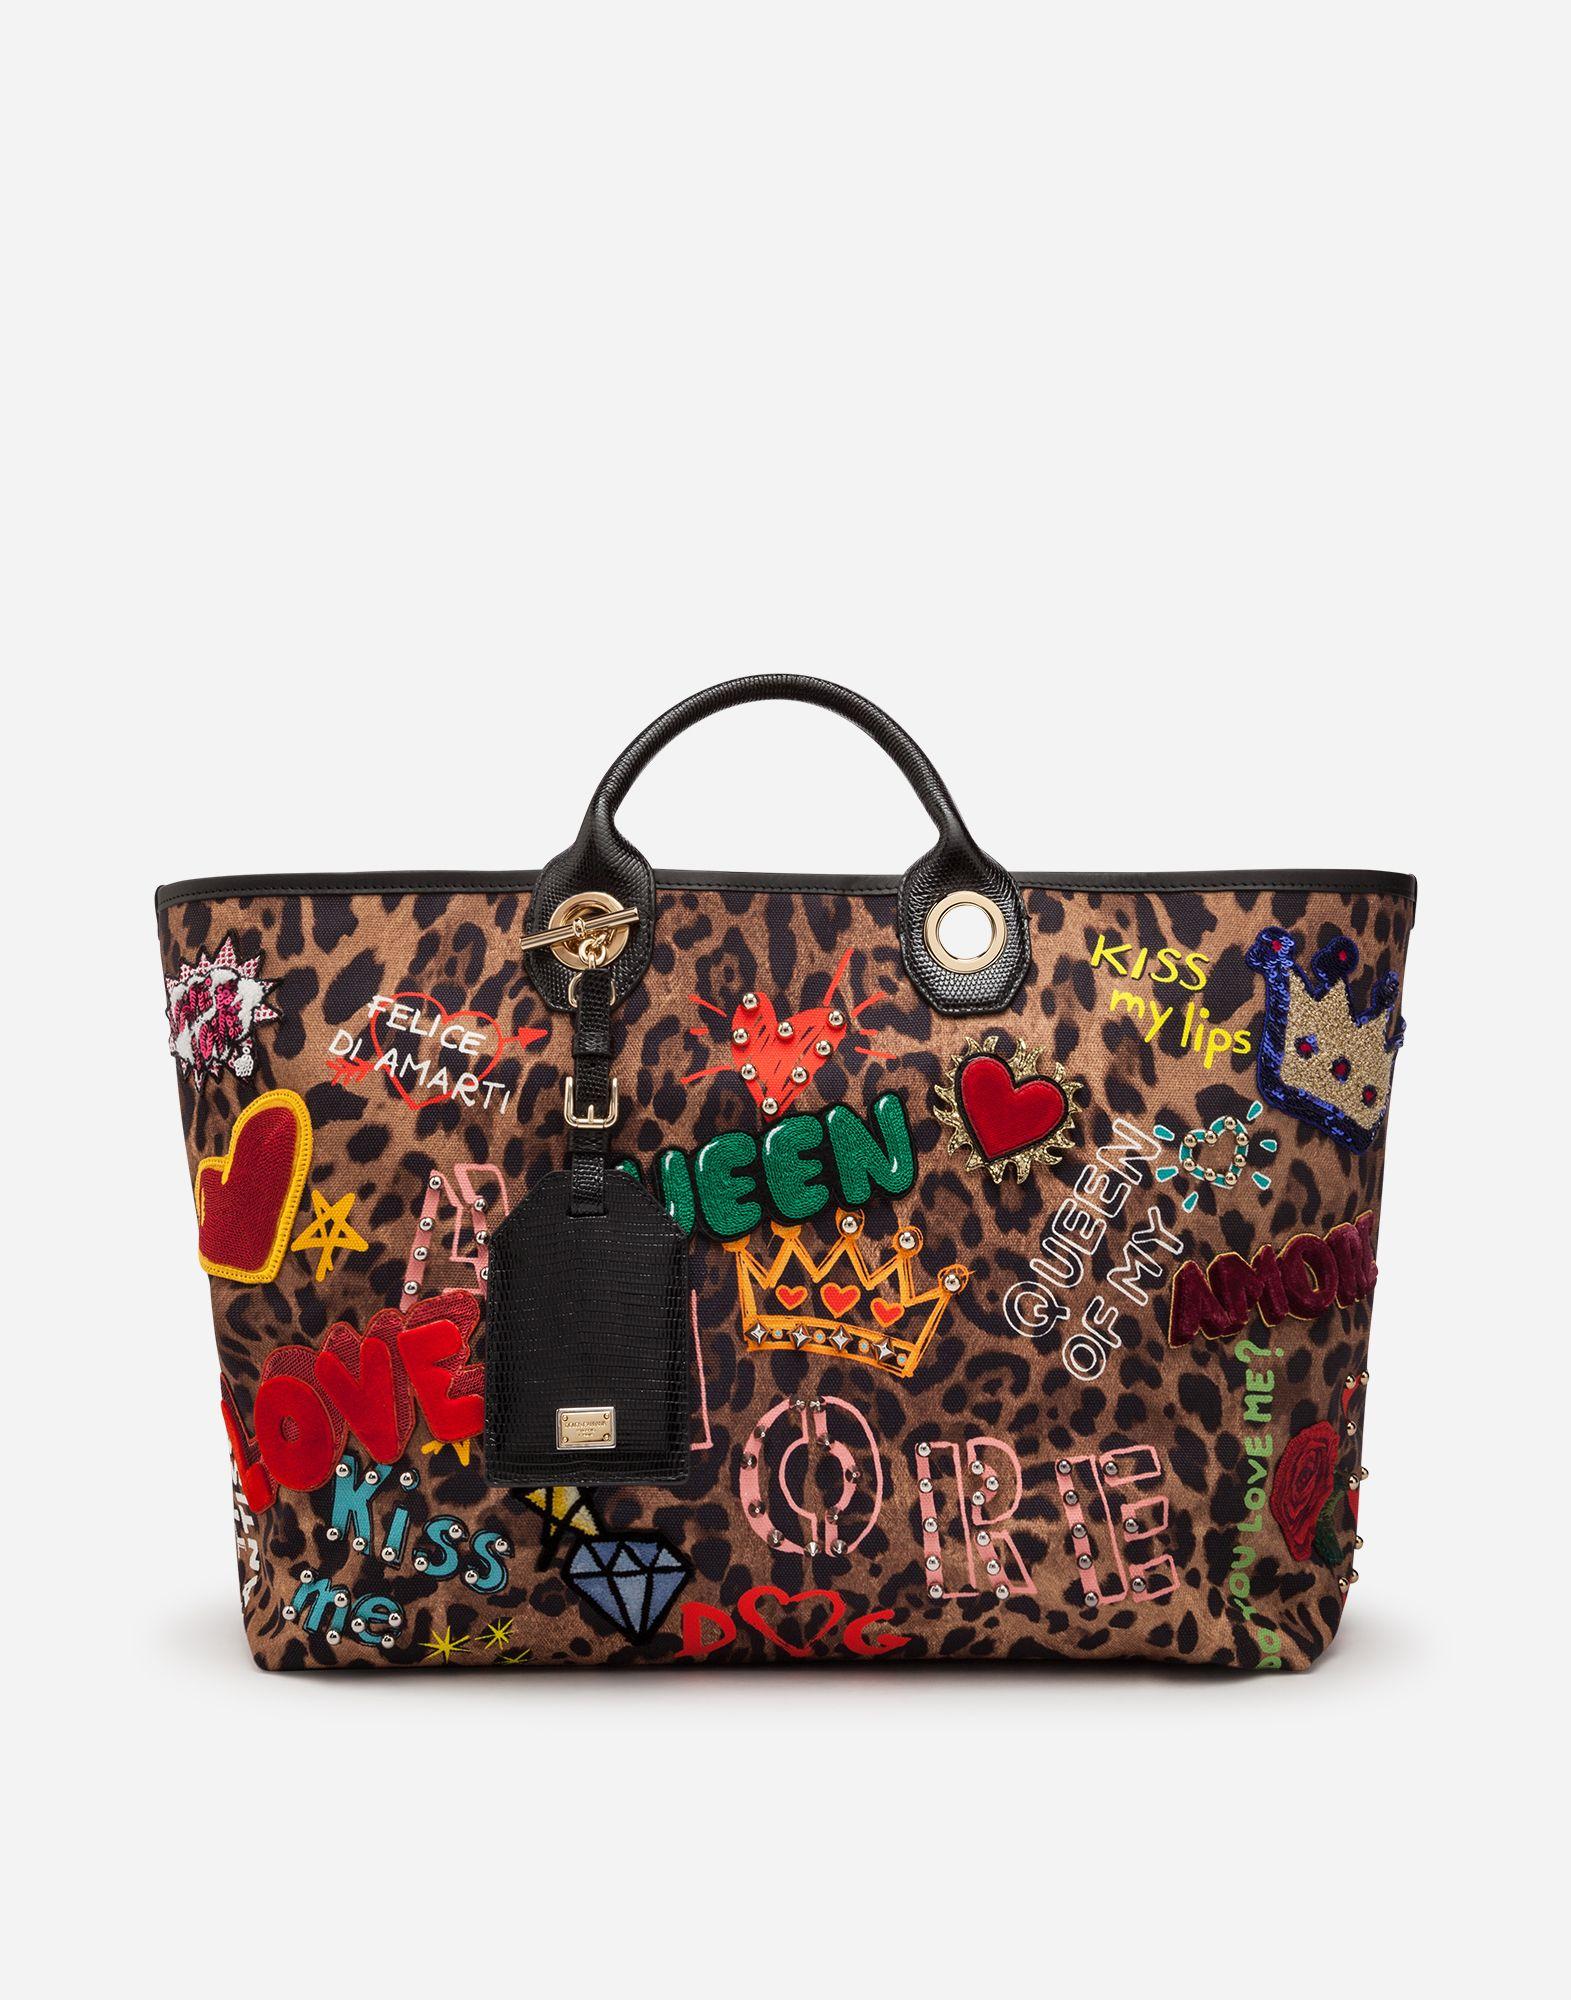 7e00dae1b4fc Dolce Gabbana SHOPPING CAPRI IN TESSUTO STAMPATO CON APPLICAZIONI PATCHES E  PROFILI IN VITELLO STAMPA IGUANA